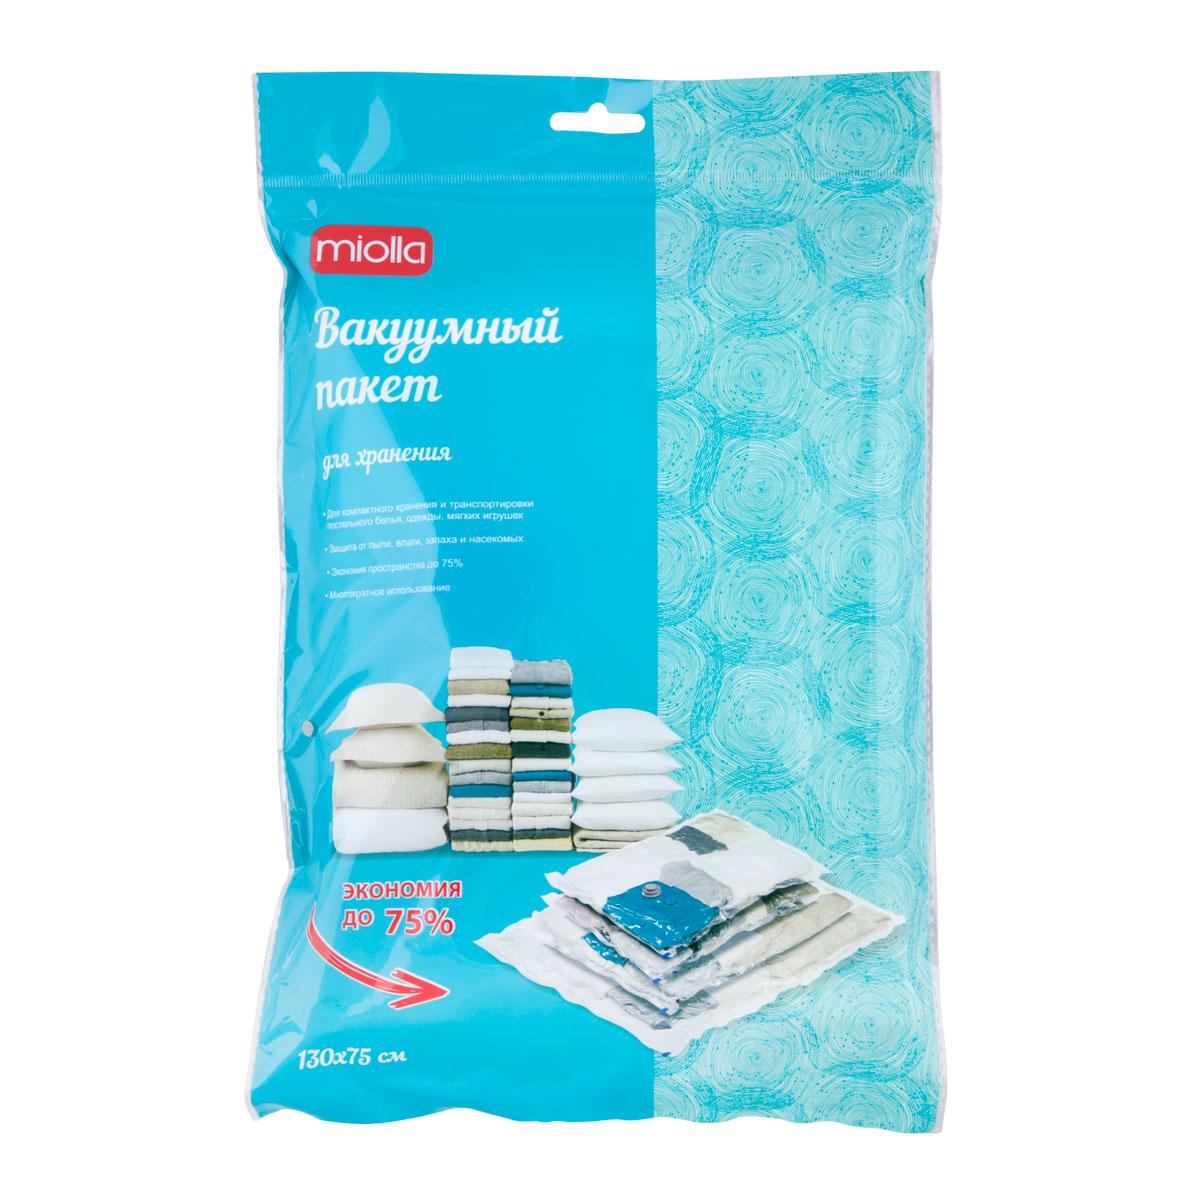 Пакет для хранения Miolla, вакуумный, 130 х 75 смHY-04Вакуумный компрессионный пакет Miolla предназначен для компактного хранения и транспортировки постельного белья, одежды, мягких игрушек. Защищает содержимое от пыли, влаги, запаха и насекомых. Пакет сжимает объем вещей, благодаря чему можно экономить до 75% пространства. Многократное использование.